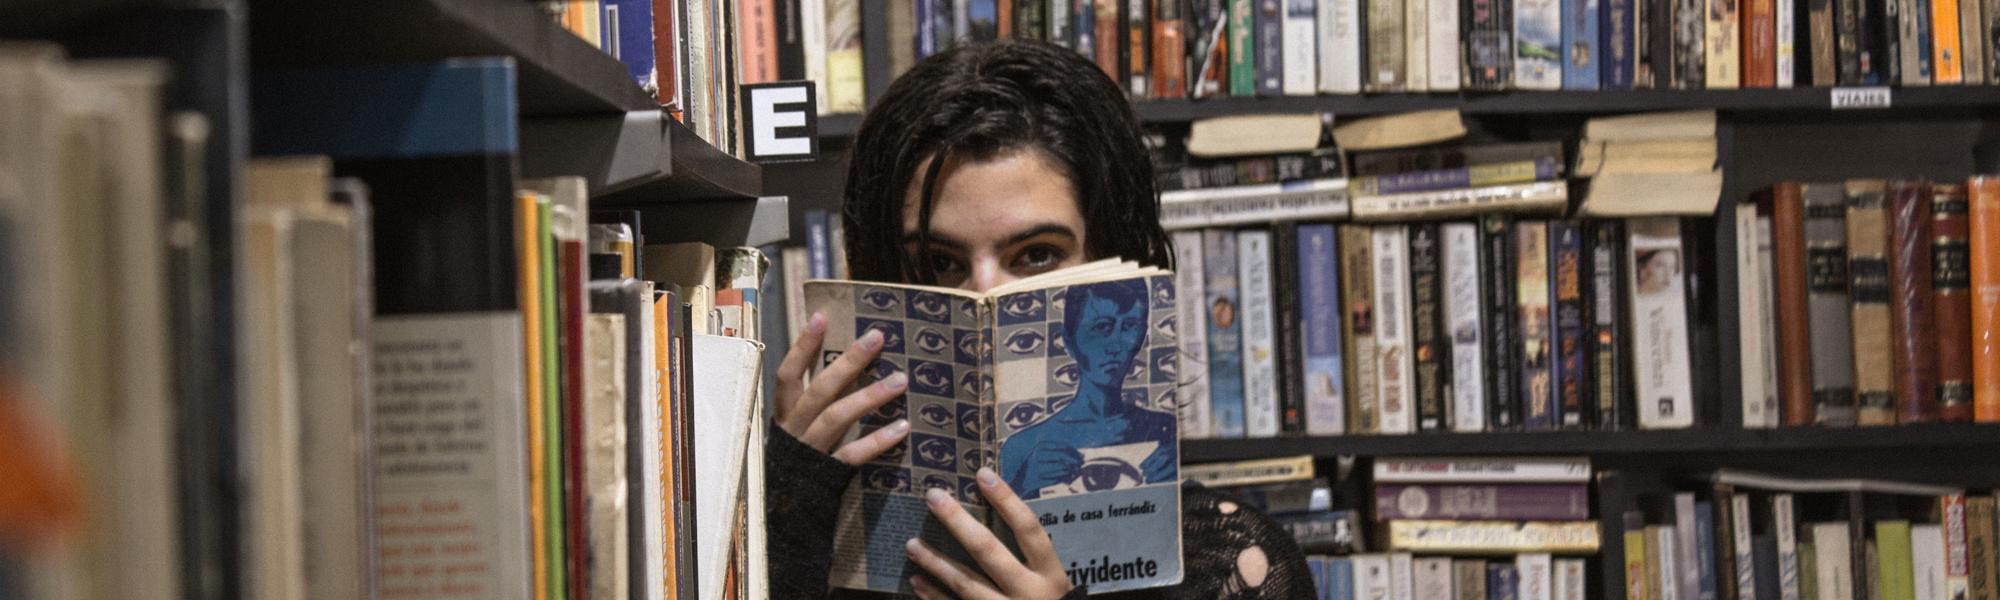 Books, Photo byMaia HabeggeronUnsplash